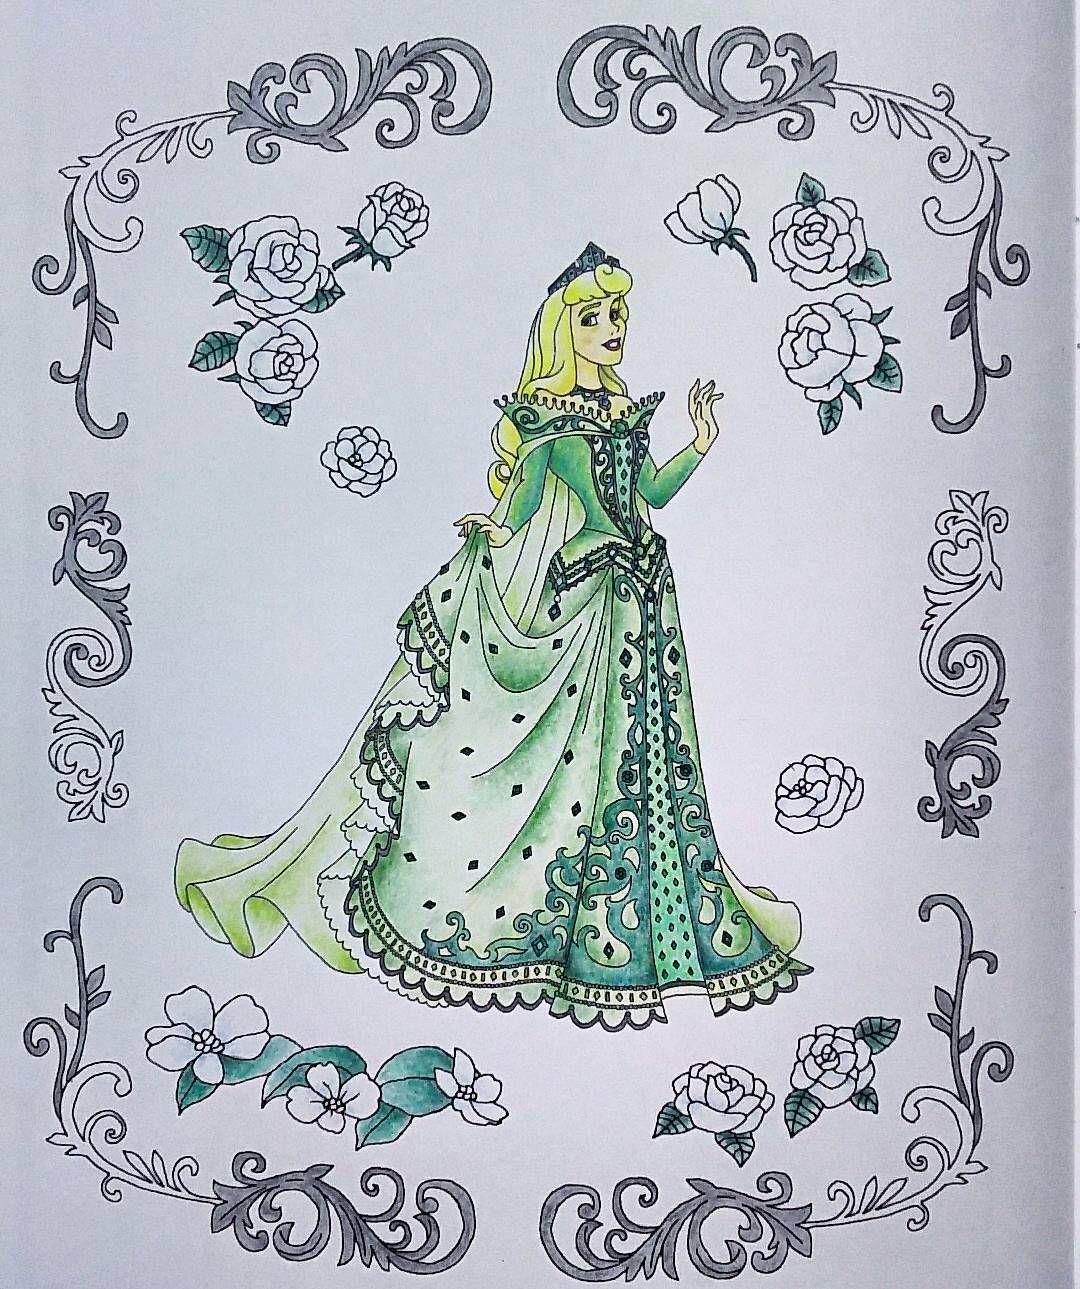 緑 大人の塗り絵 旅するディズニー塗り絵 コロリアージュ